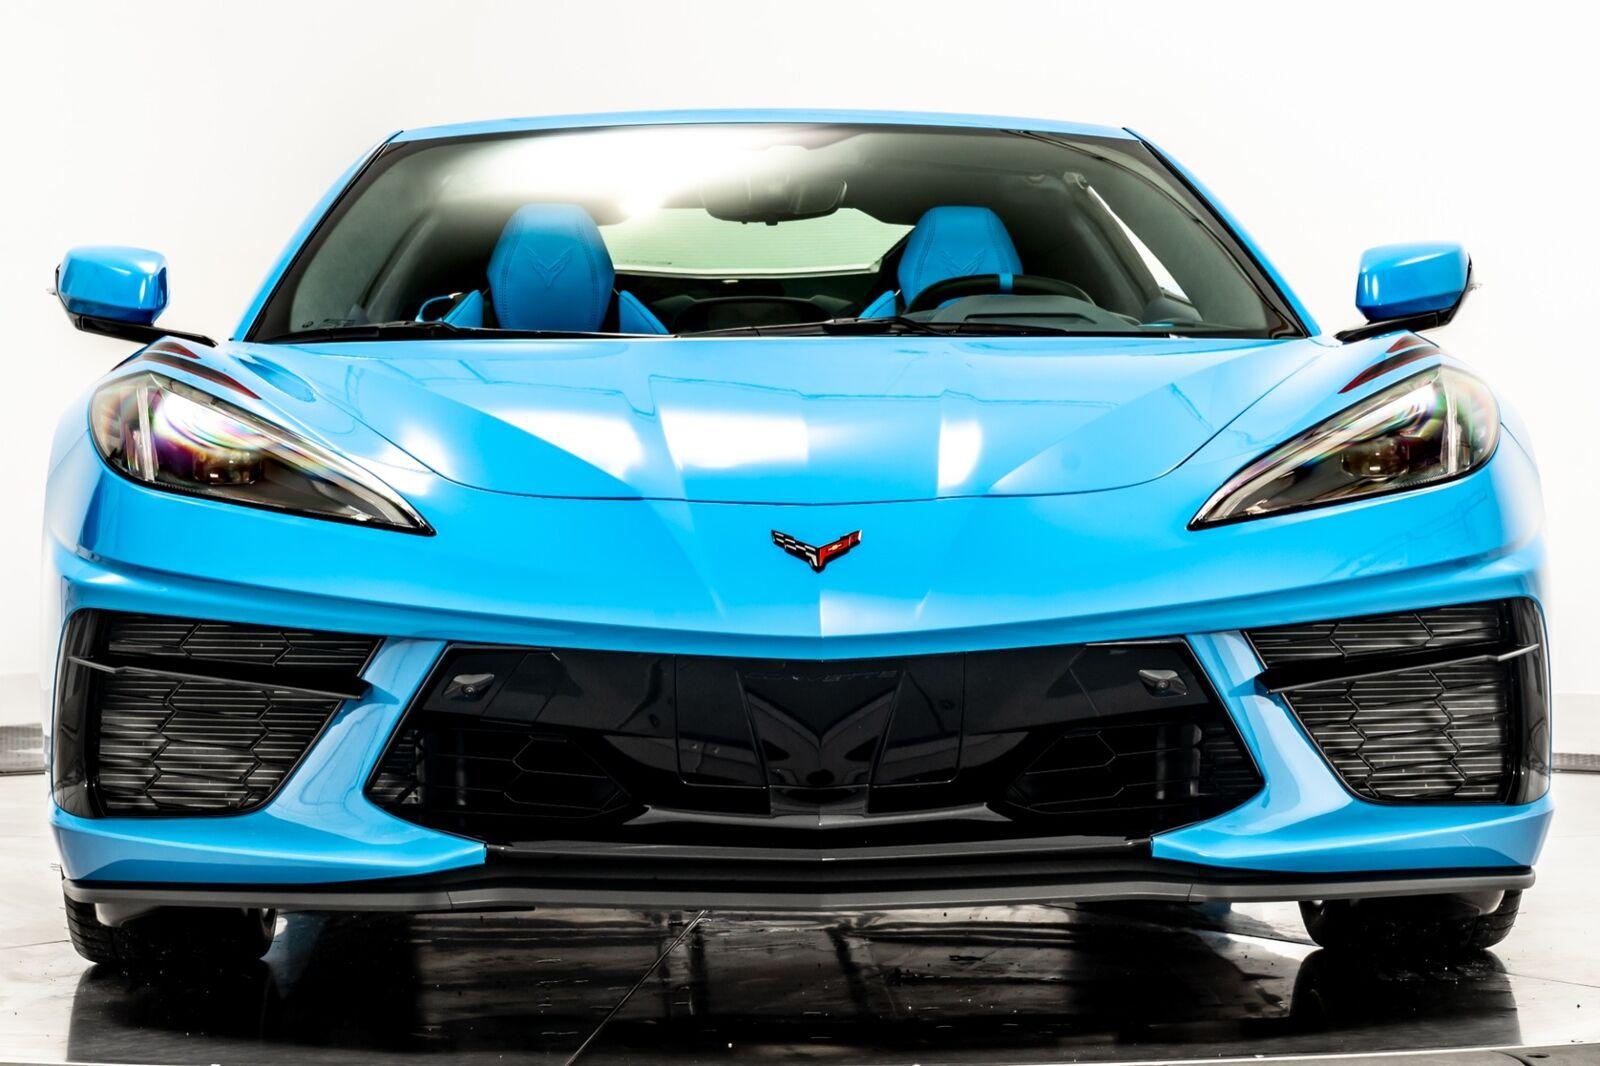 2021 Blue Chevrolet Corvette  3LT   C7 Corvette Photo 3